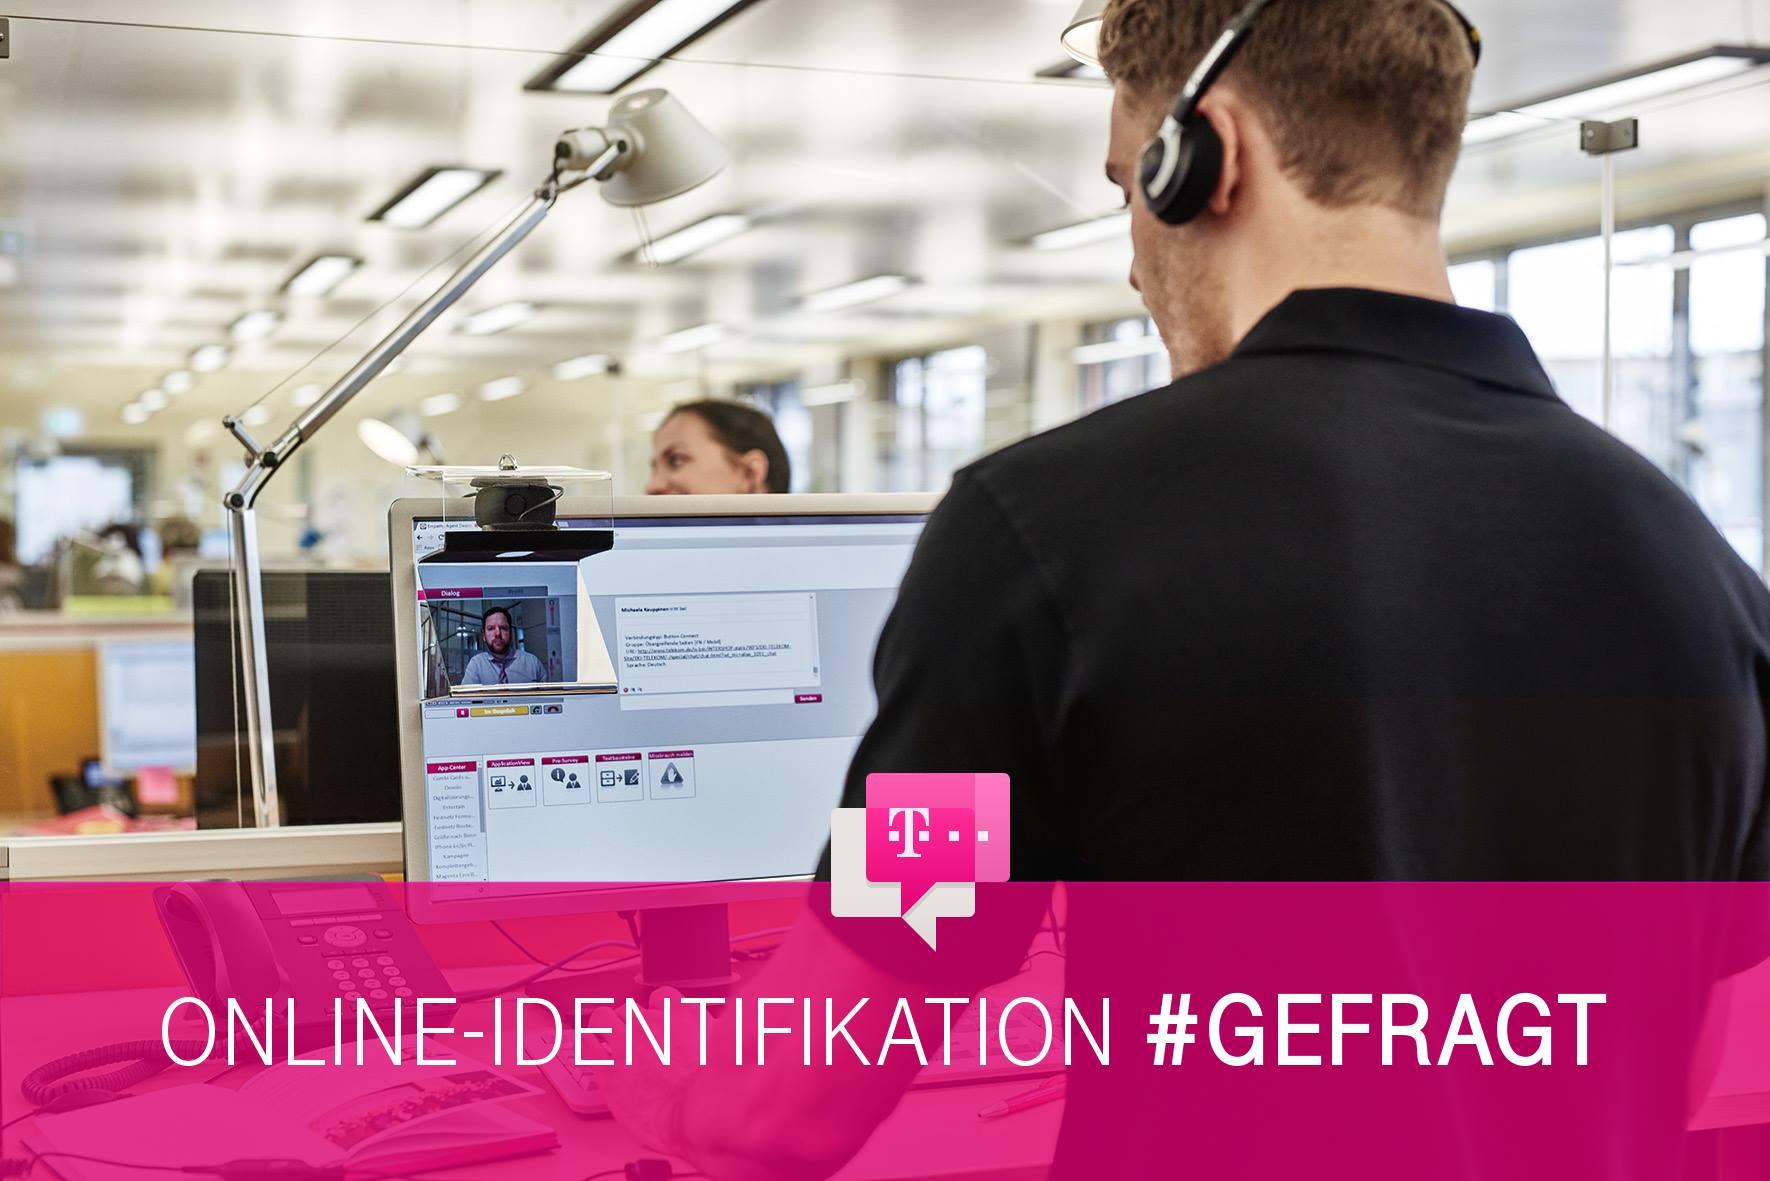 Telekom Karte Aktivieren.Telekom Video Ident Verfahren Fur Prepaid Und Vertragskunden